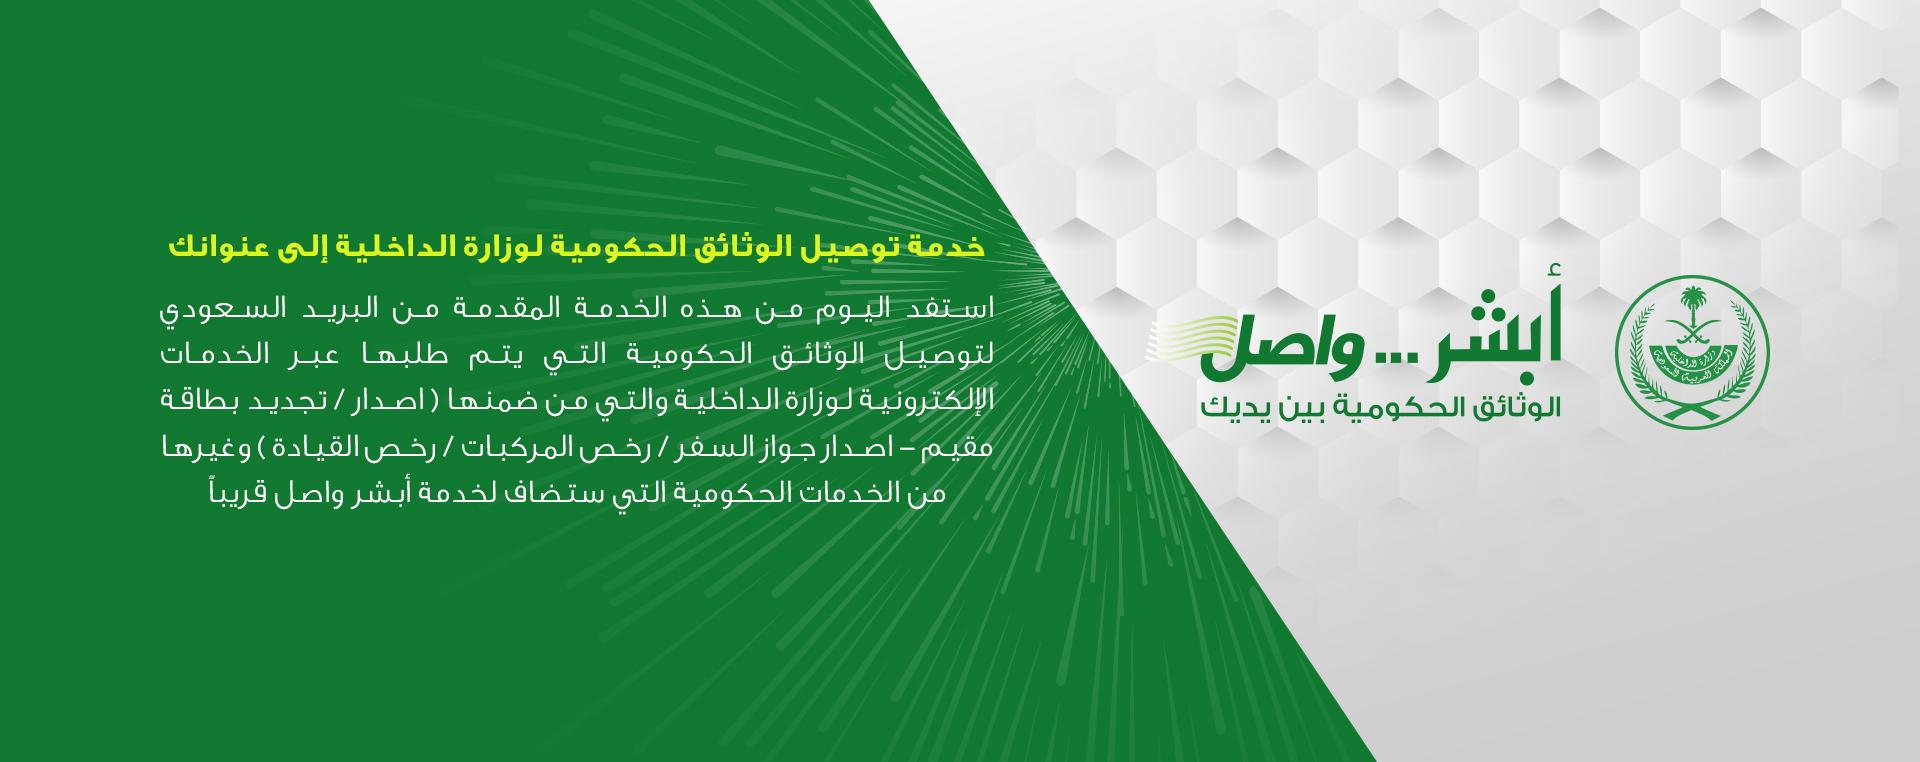 البريد السعودي الطرود خارج المملكة